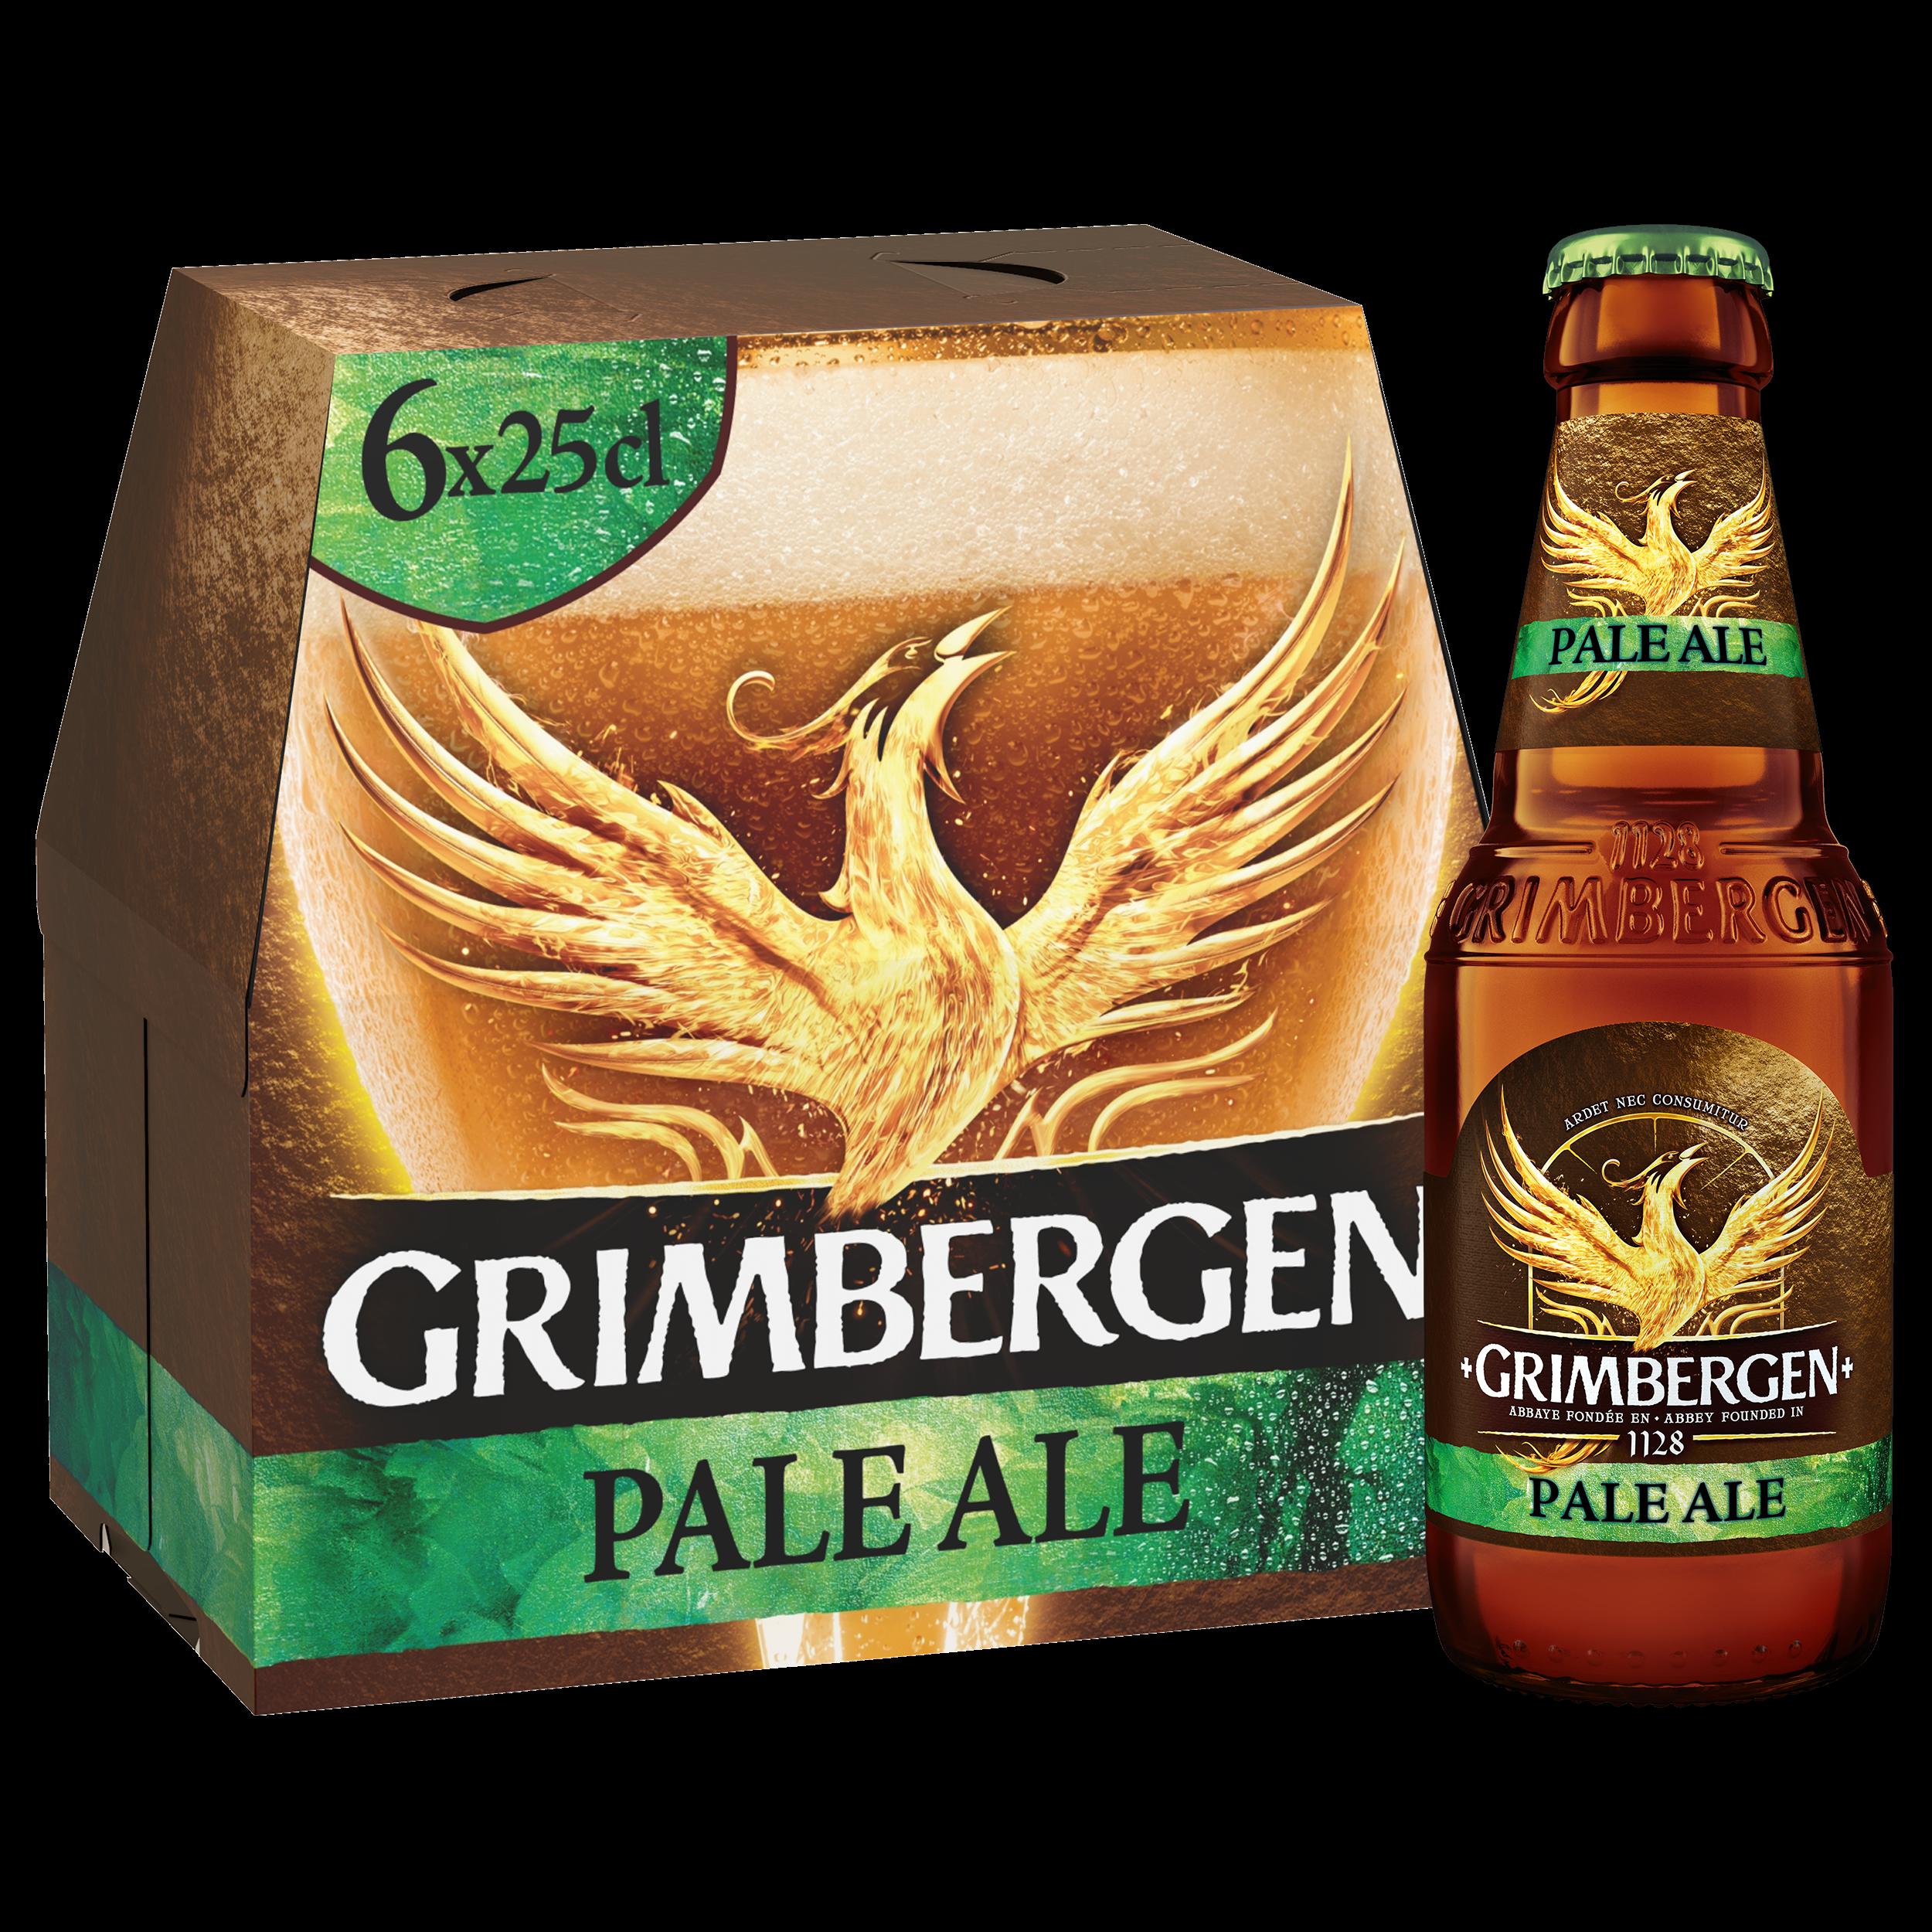 Grimbergen Pale Ale - 6x25cl